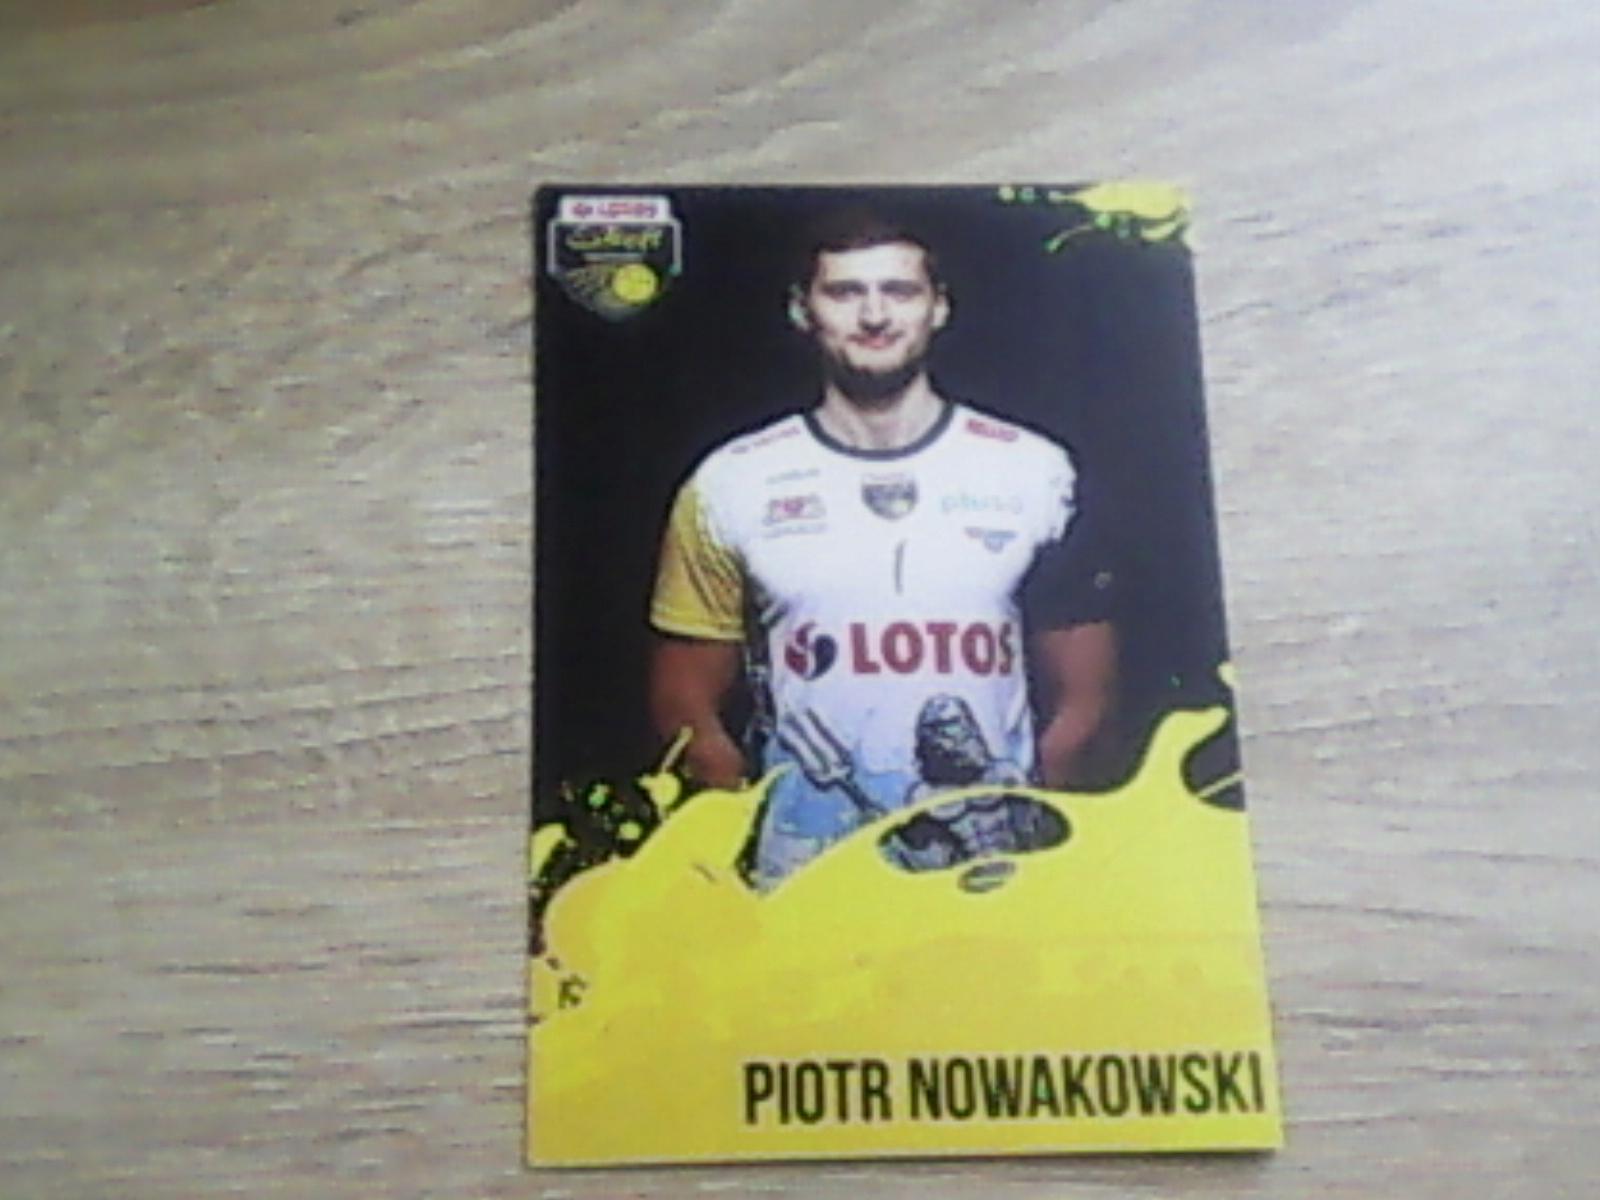 Siatkówka - fotos Piotr Nowakowski, Lotos Gdańsk